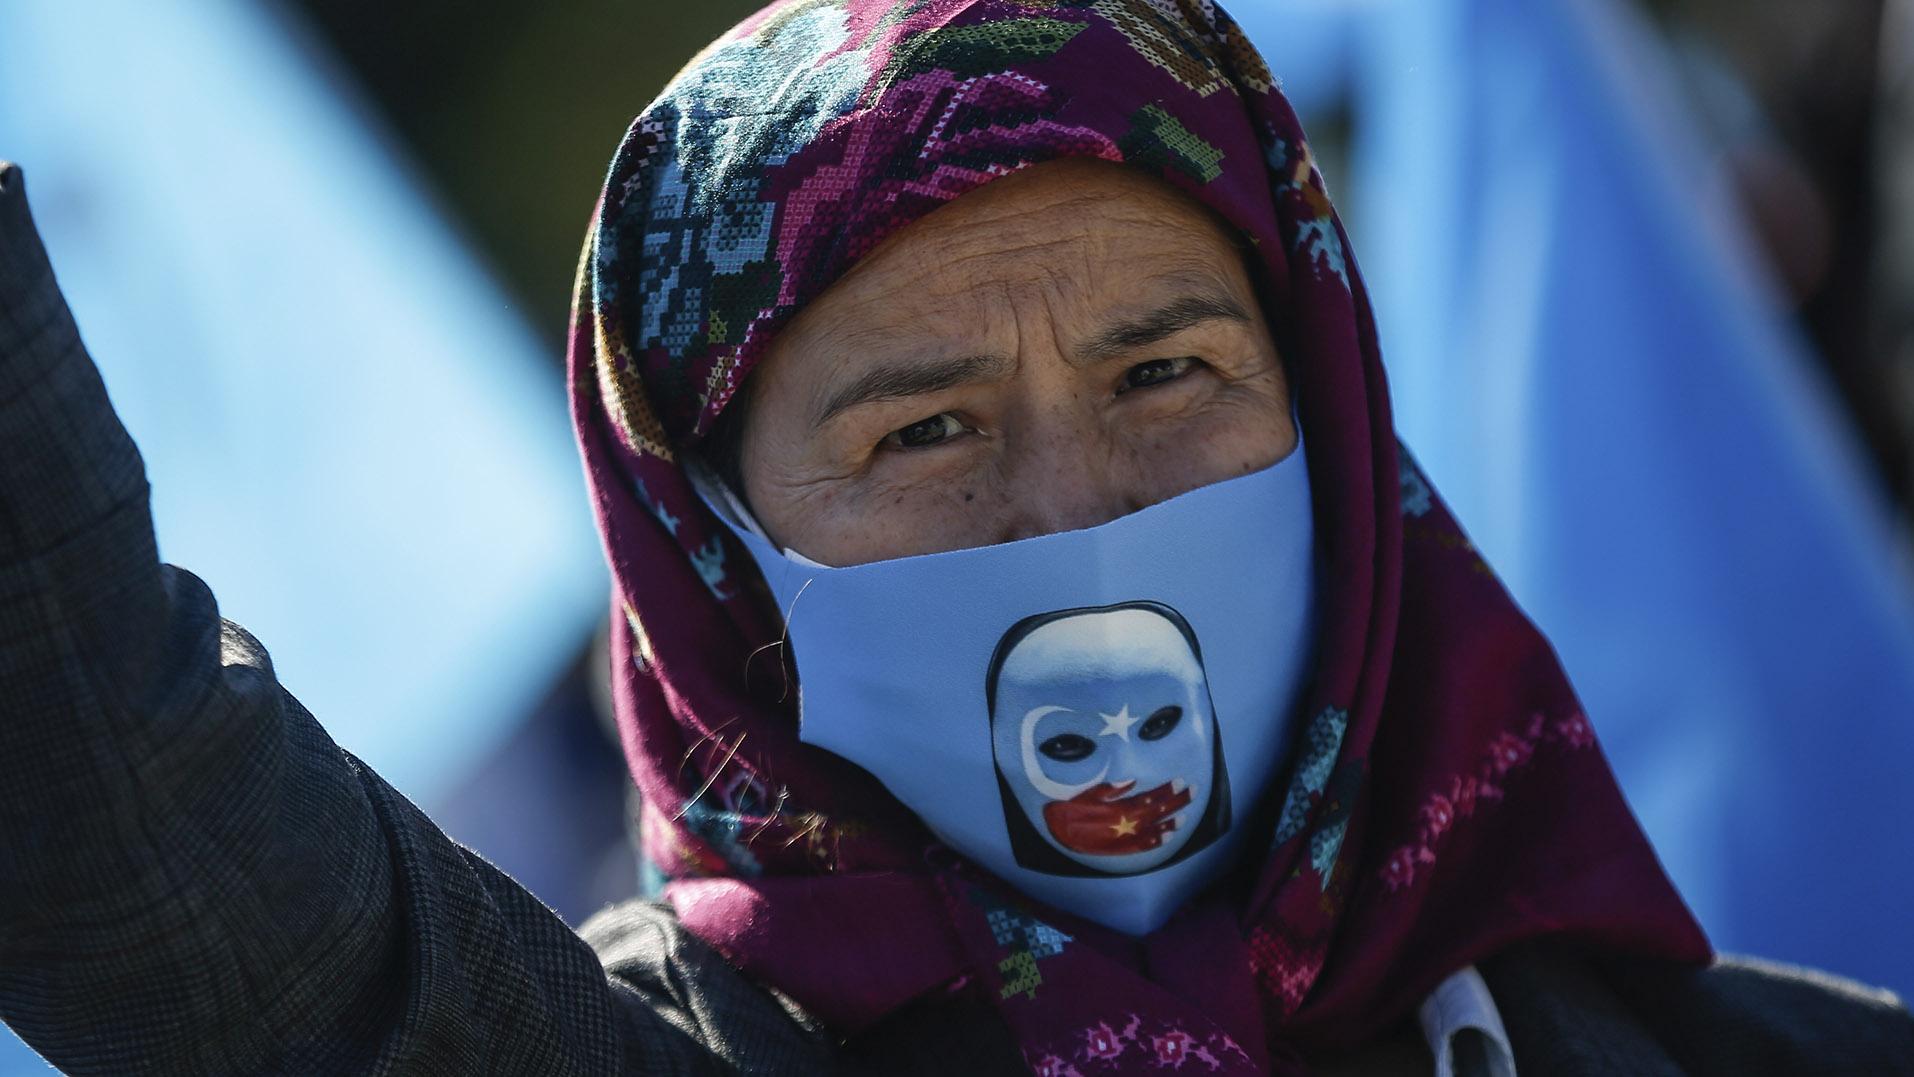 土耳其的一名维吾尔族人在抗议中国停止对新疆的迫害。(美联社)